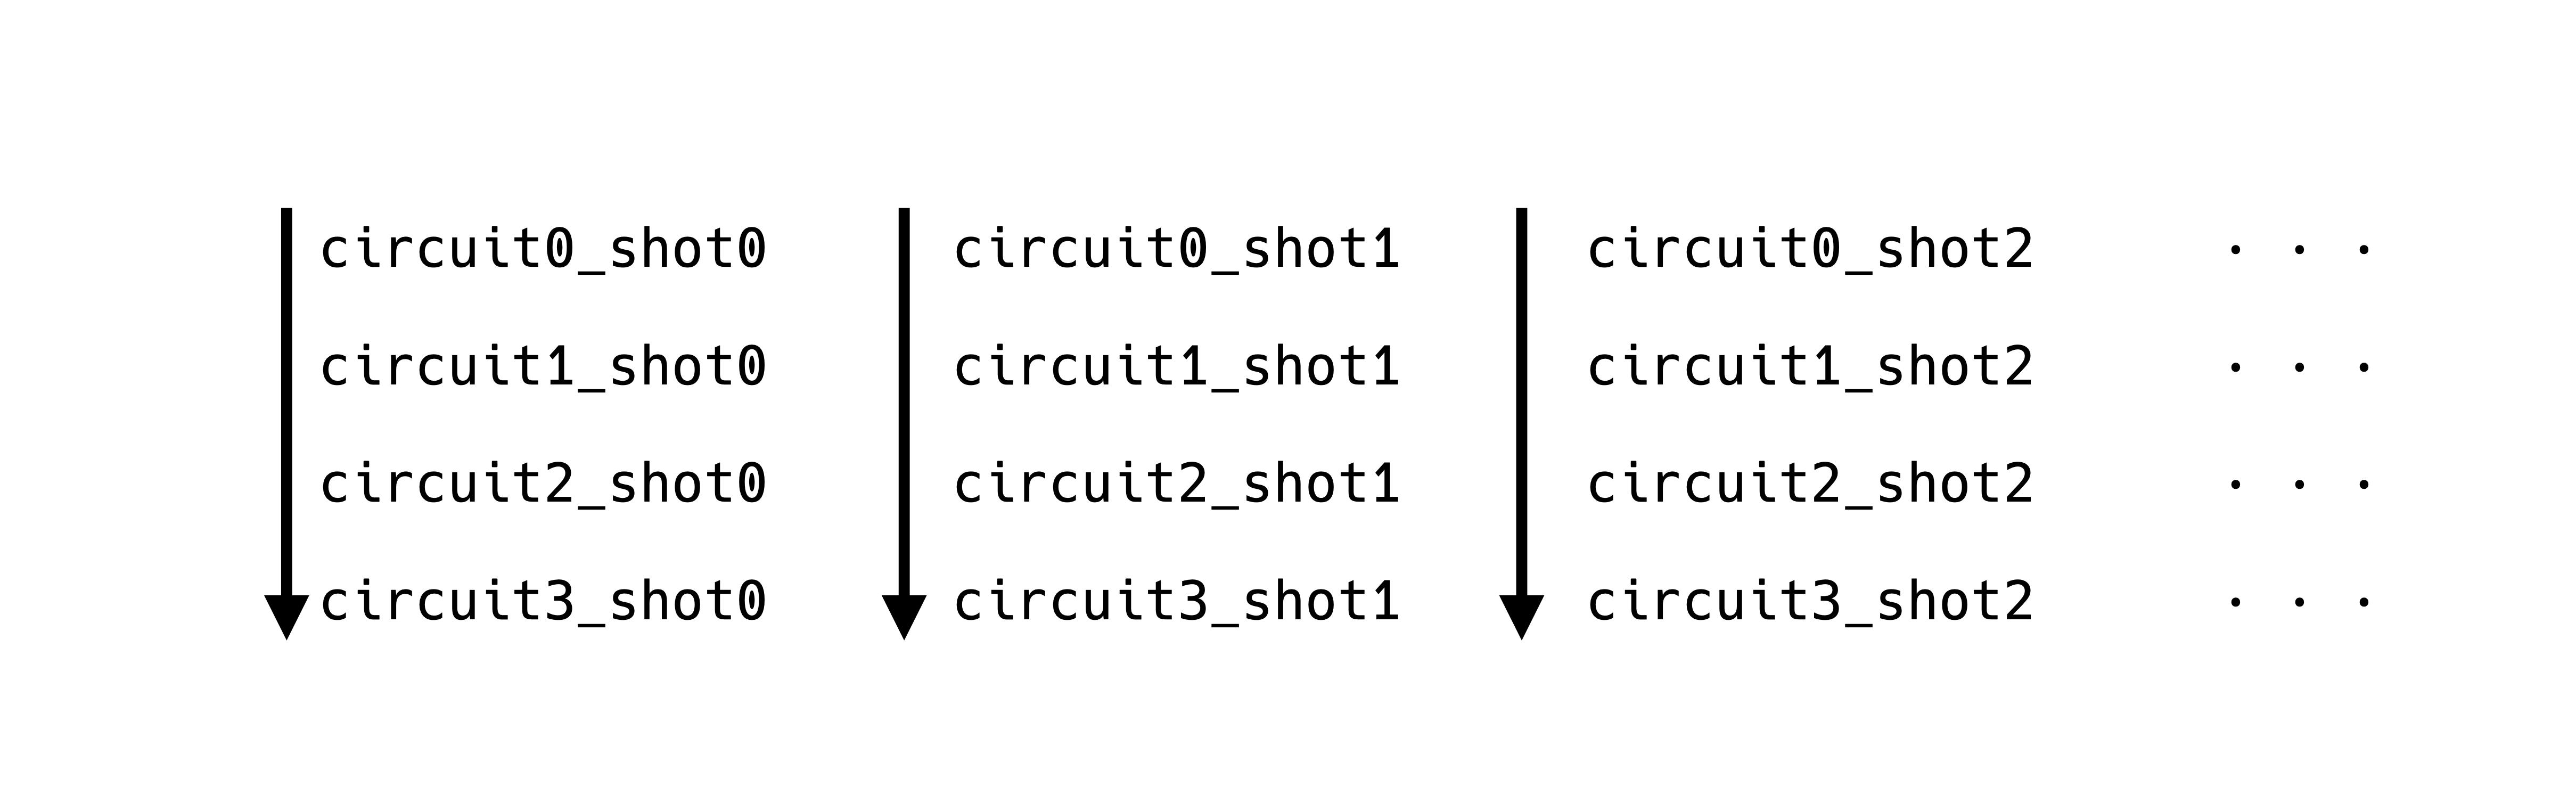 ../../../_images/circuits_shots_matrix2.png